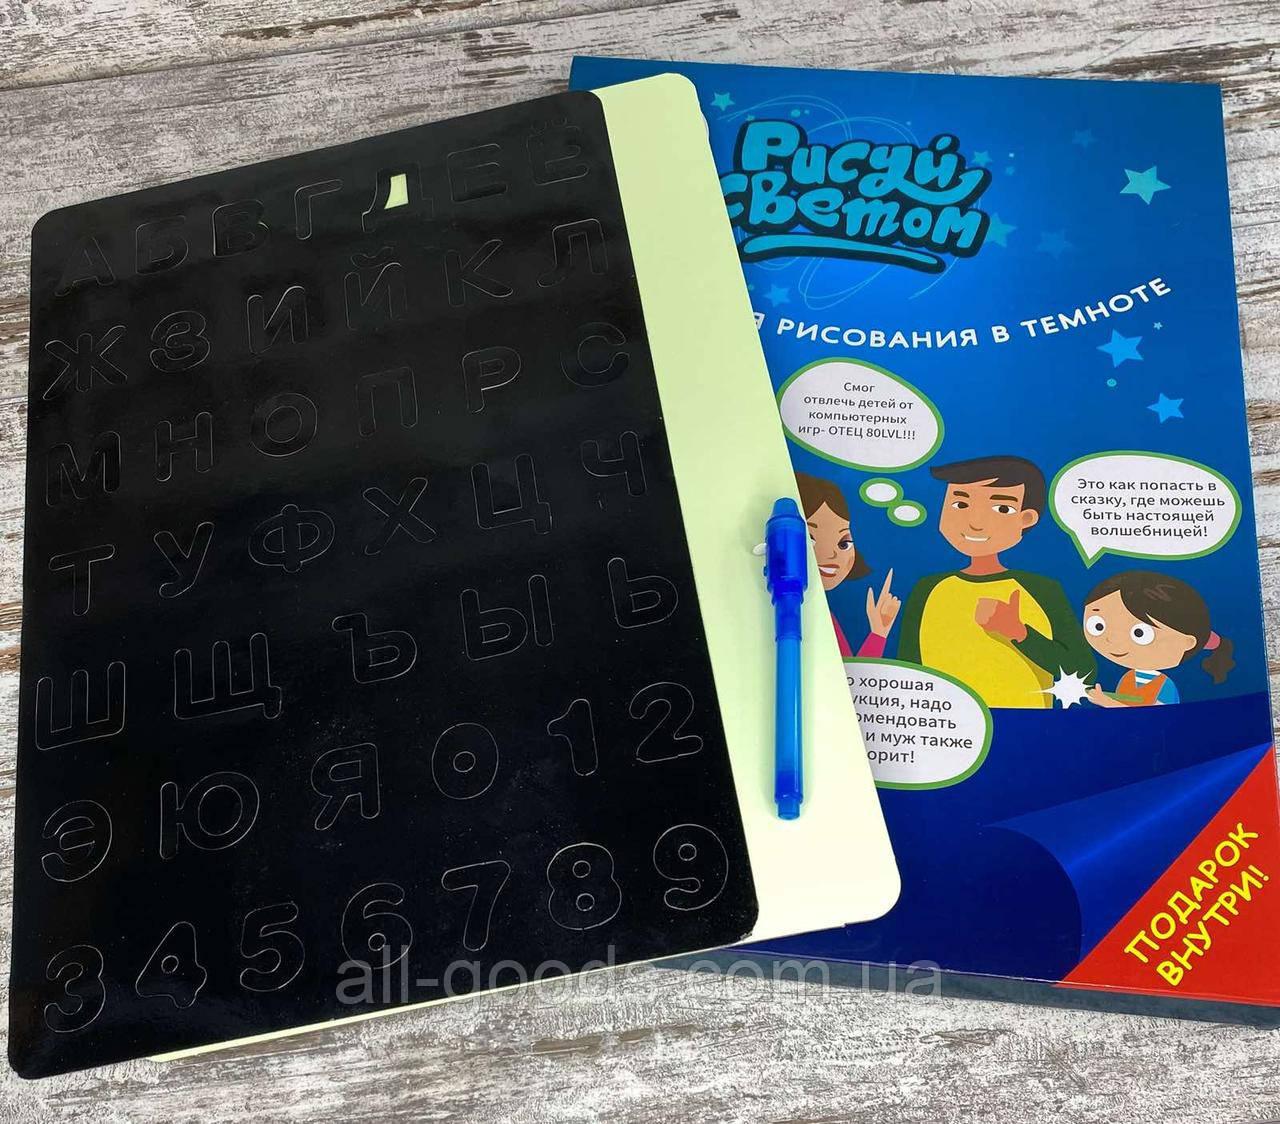 Детский набор для творчества Рисуй Светом А3. Планшет для рисования в темноте